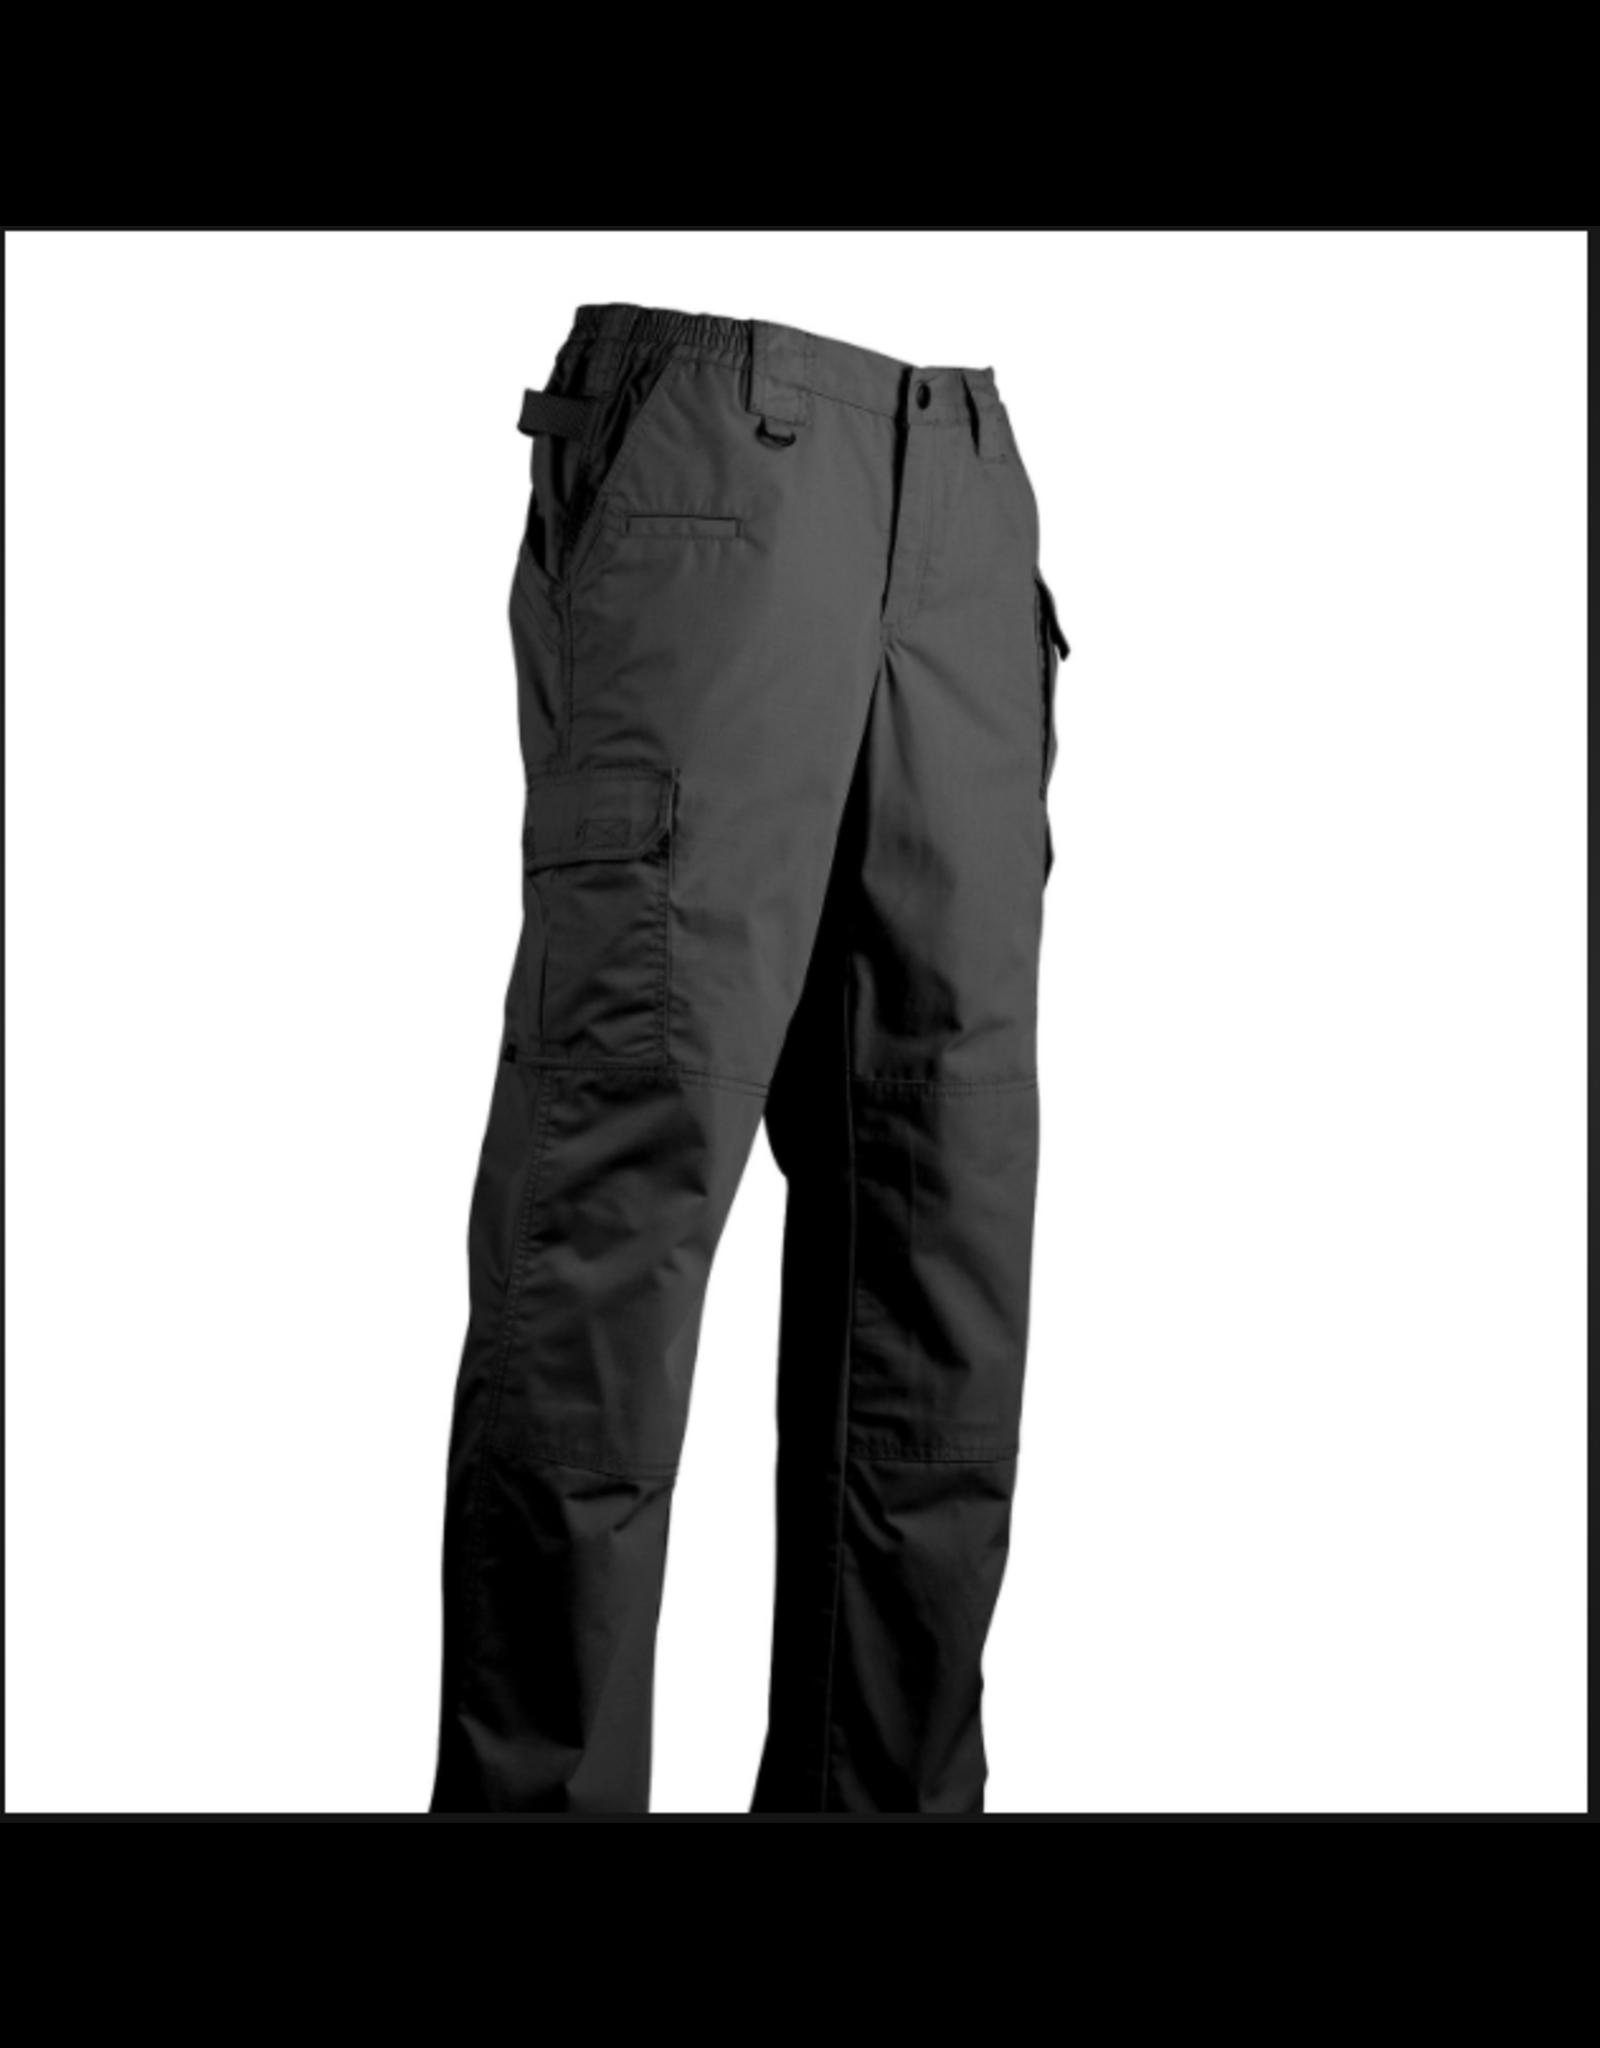 5.11 Tactical Men's Taclite Pro Pant W34/L32